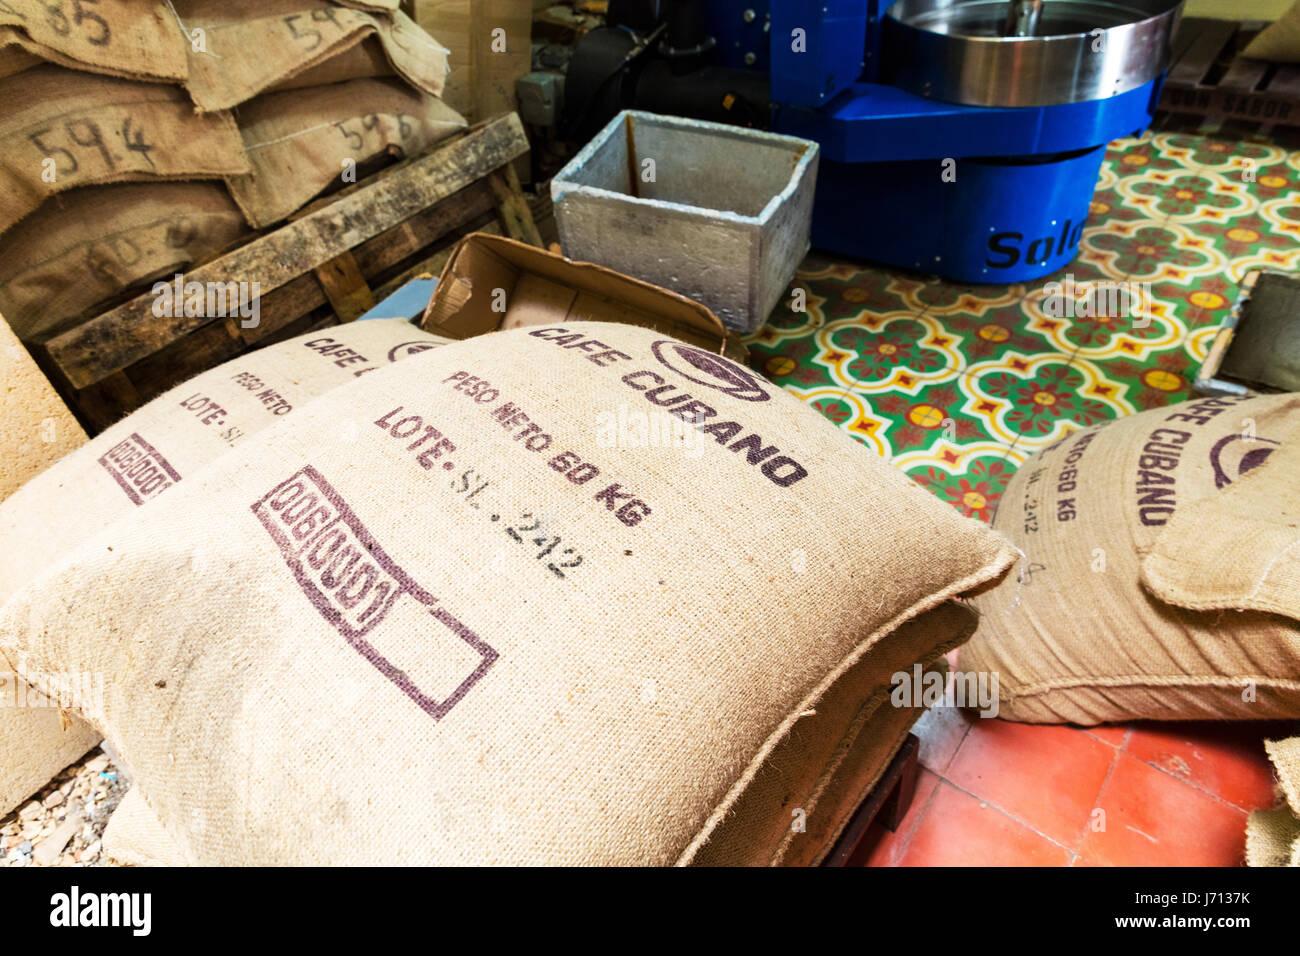 Cuban Coffee bean bag, Cuba coffee, Cuba coffee bean bag, Cuban coffee beans, coffee Cuba, Coffee Cuban, Cuba, coffee, - Stock Image